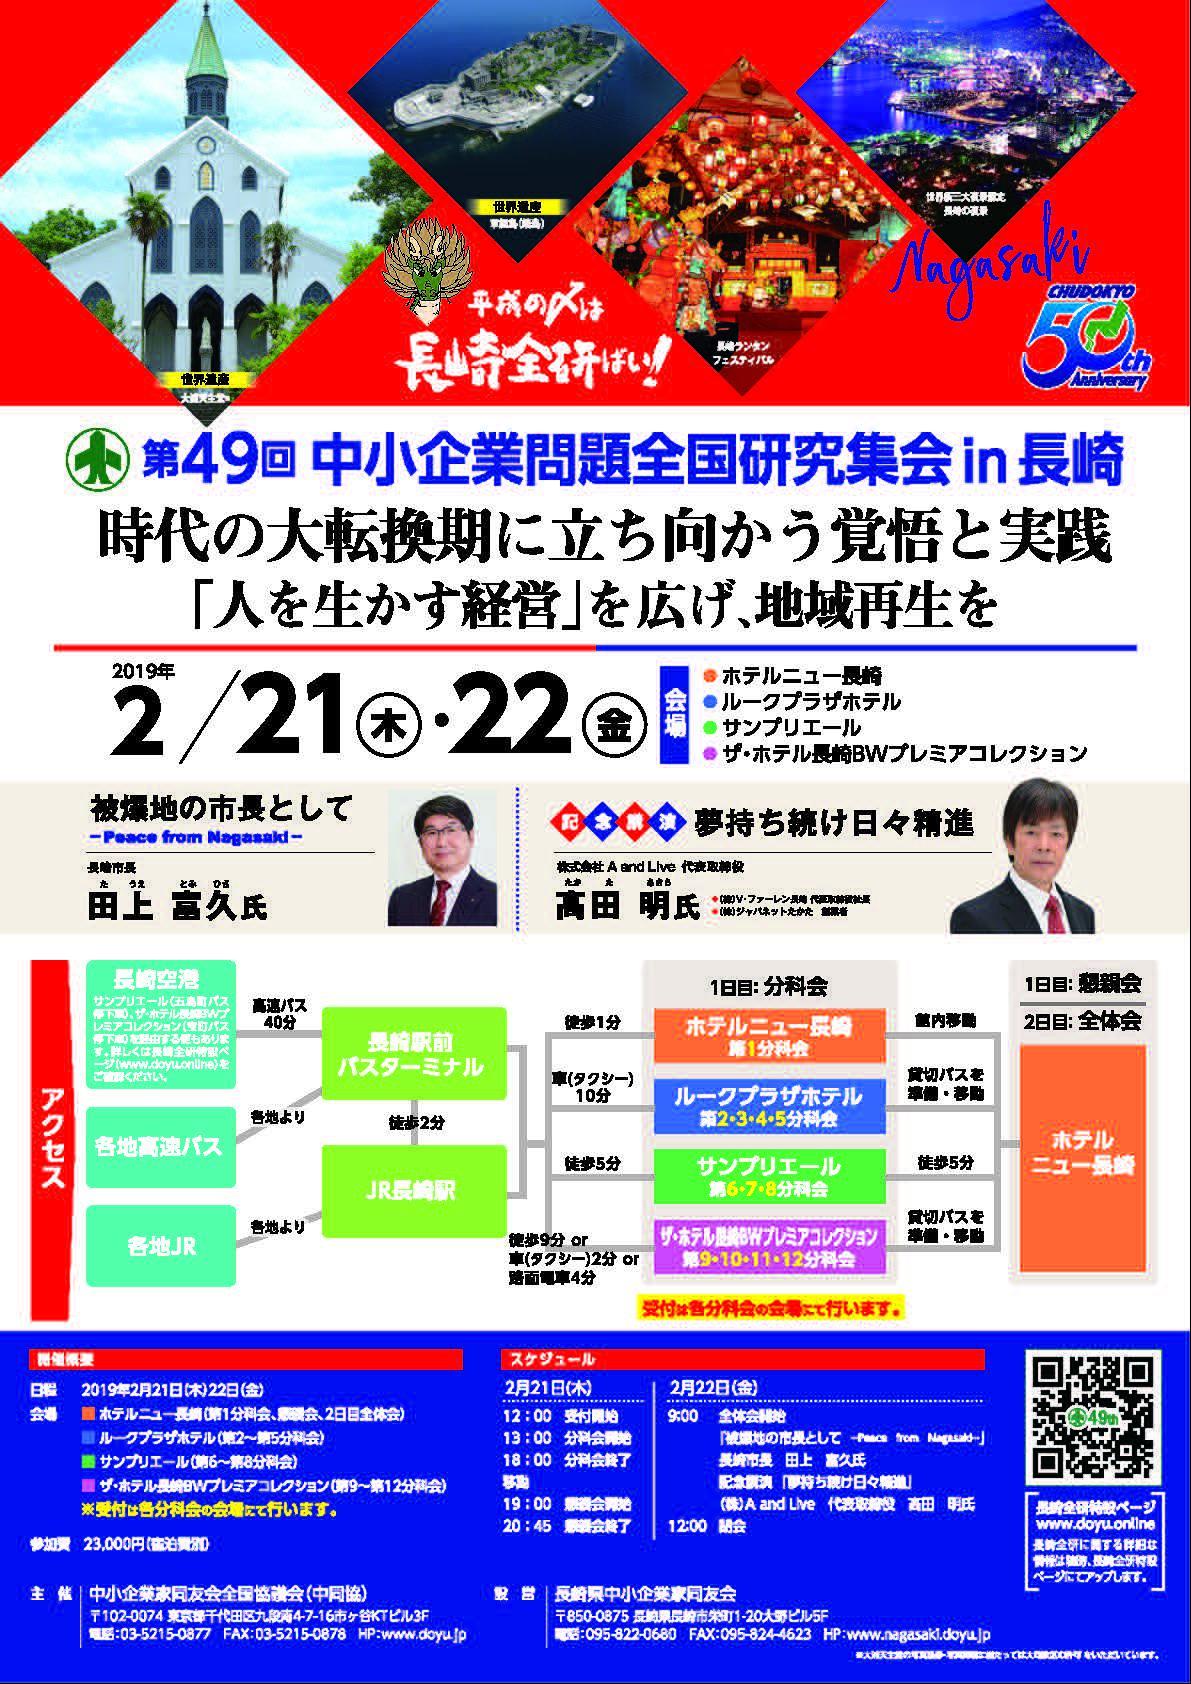 「第49回中小企業問題全国研究集会in長崎」のご案内 ※開催終了しました